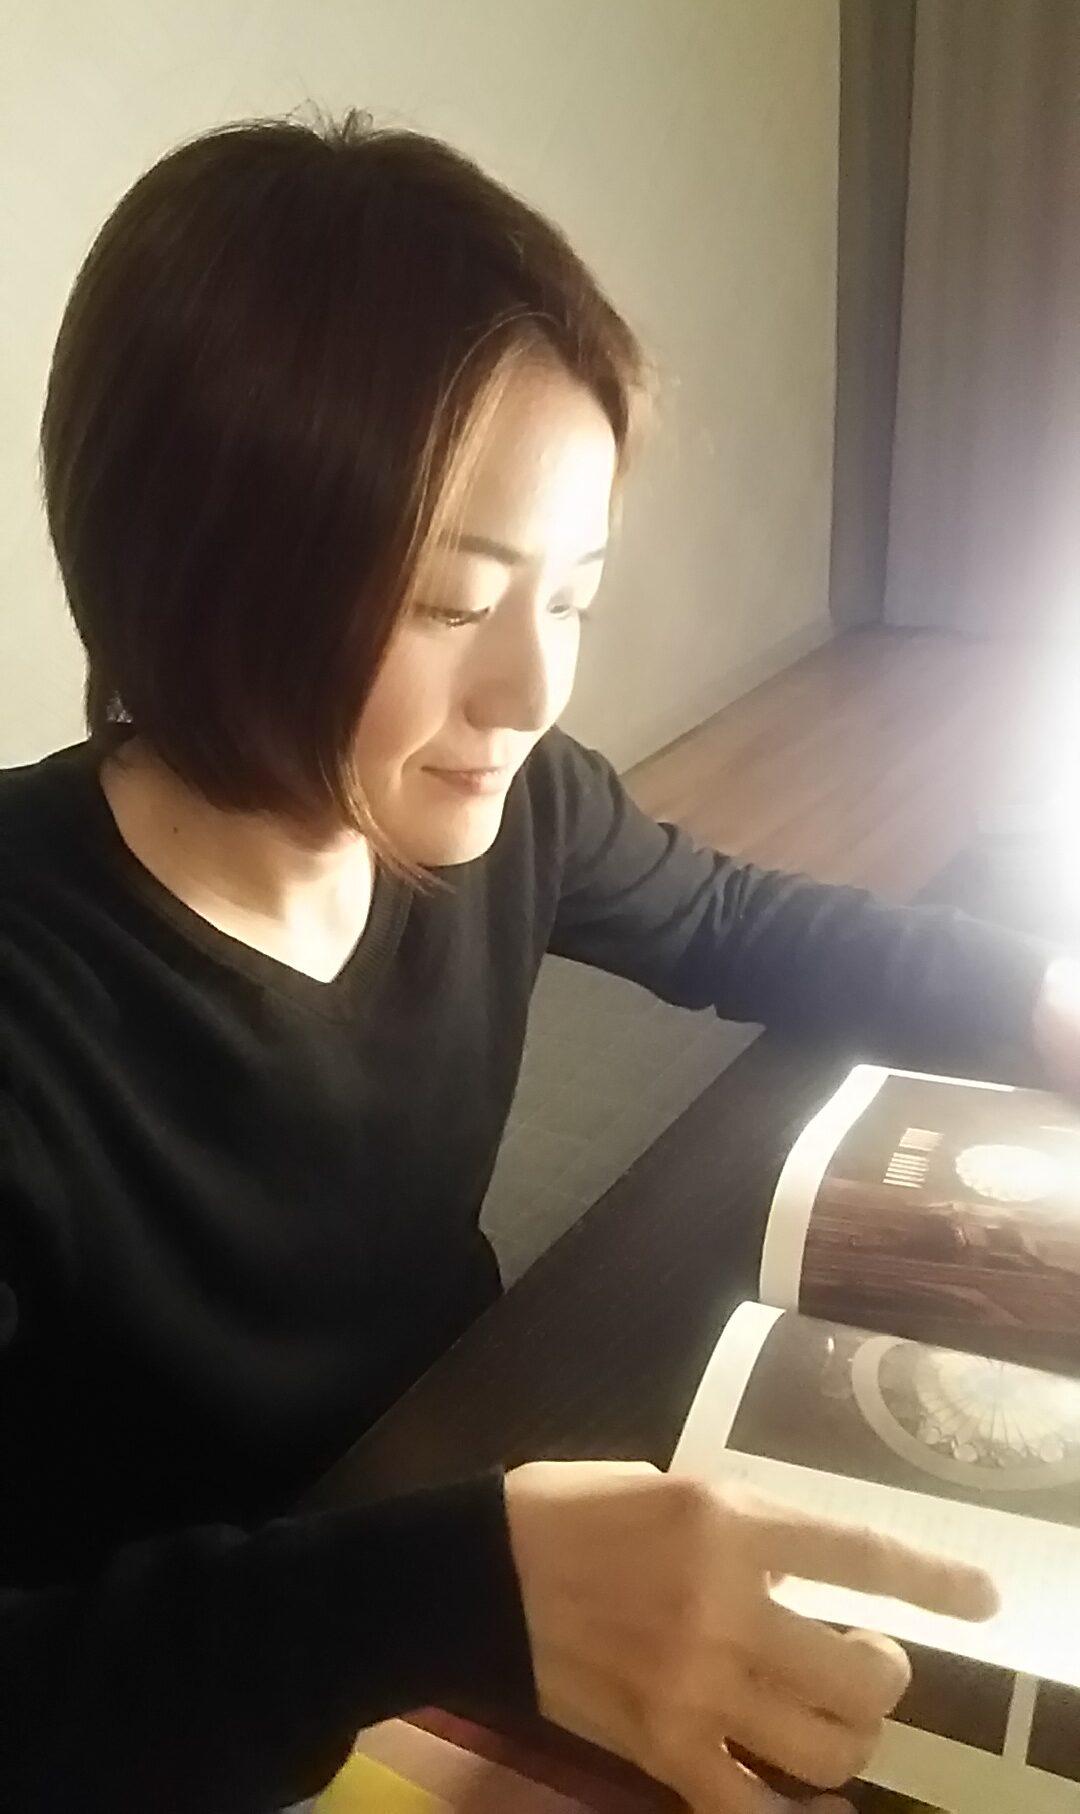 嶺井 翔子(みねい しょうこ)